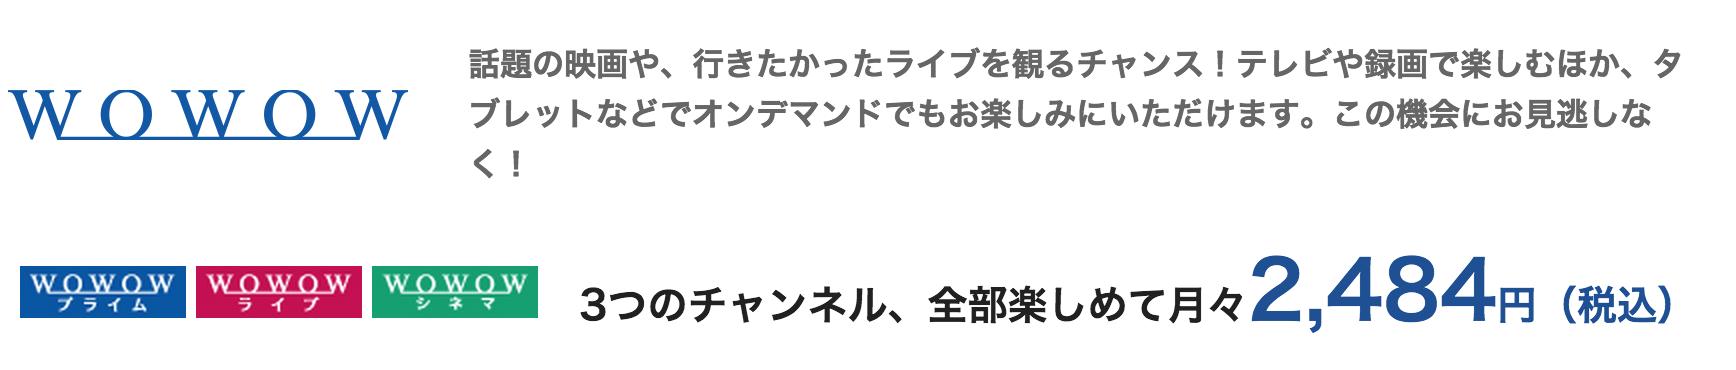 スクリーンショット 2015-09-15 0.59.44